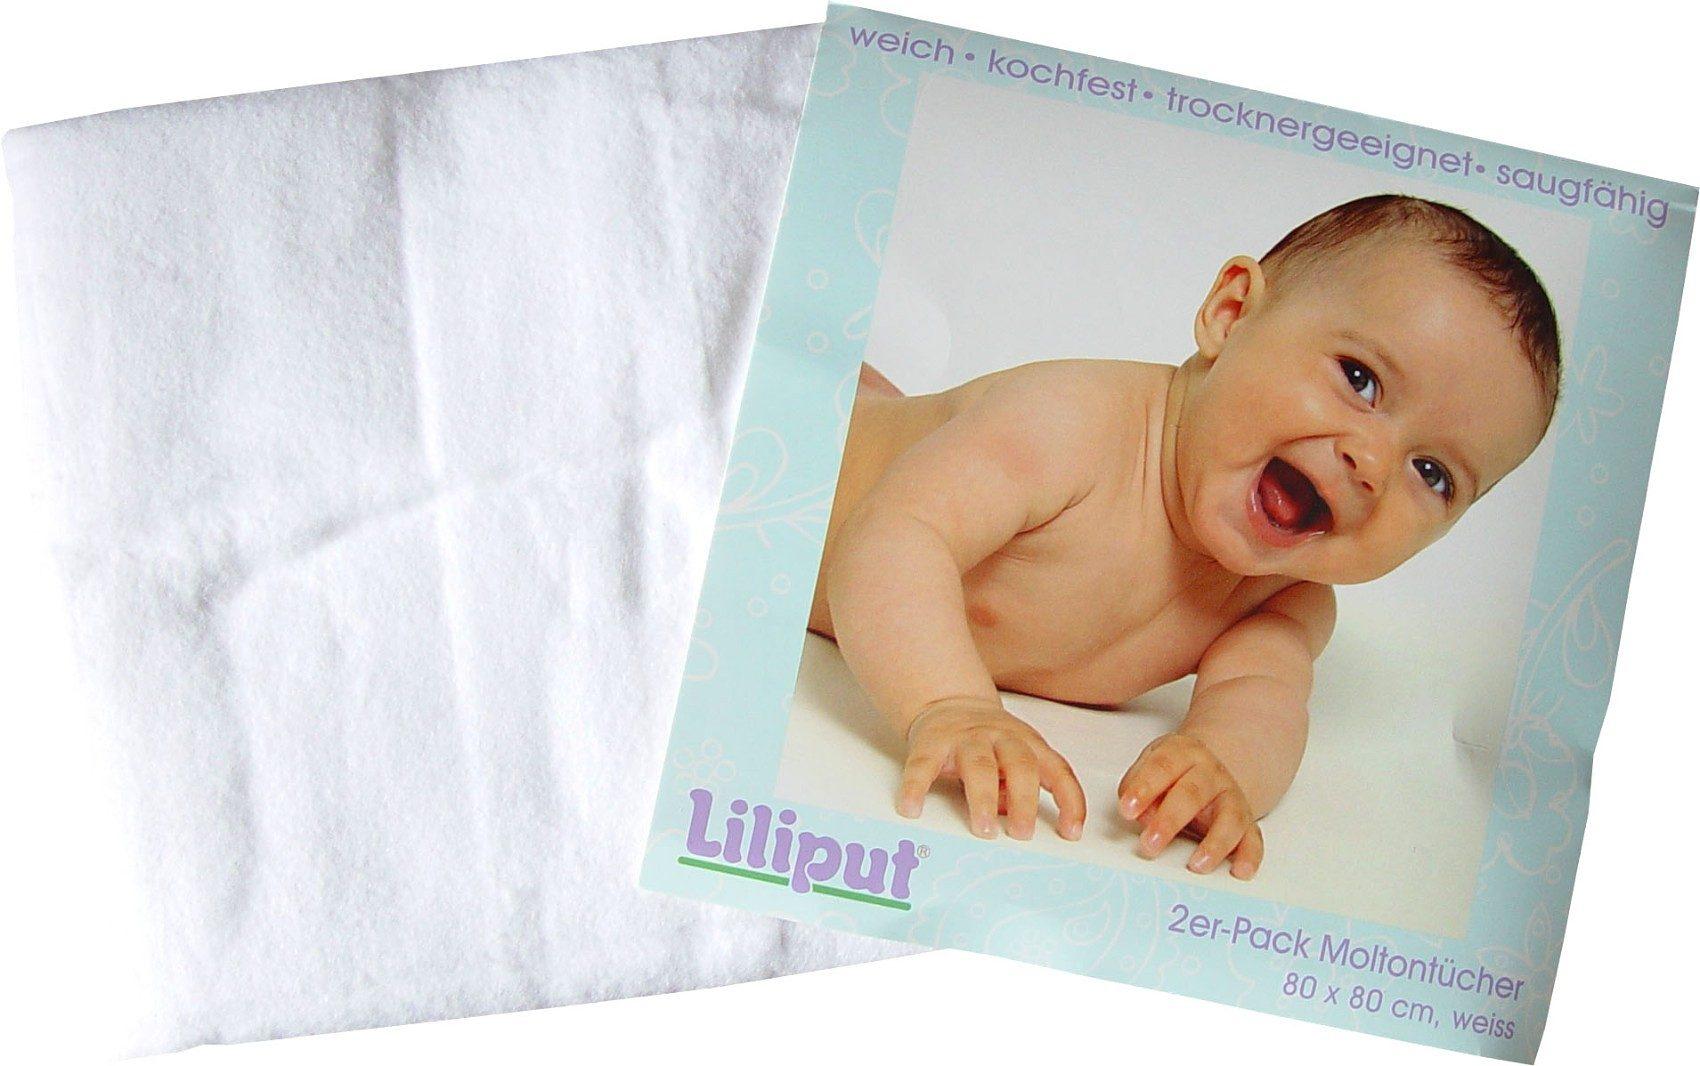 Liliput Moltontuch, 2er Pack weiss